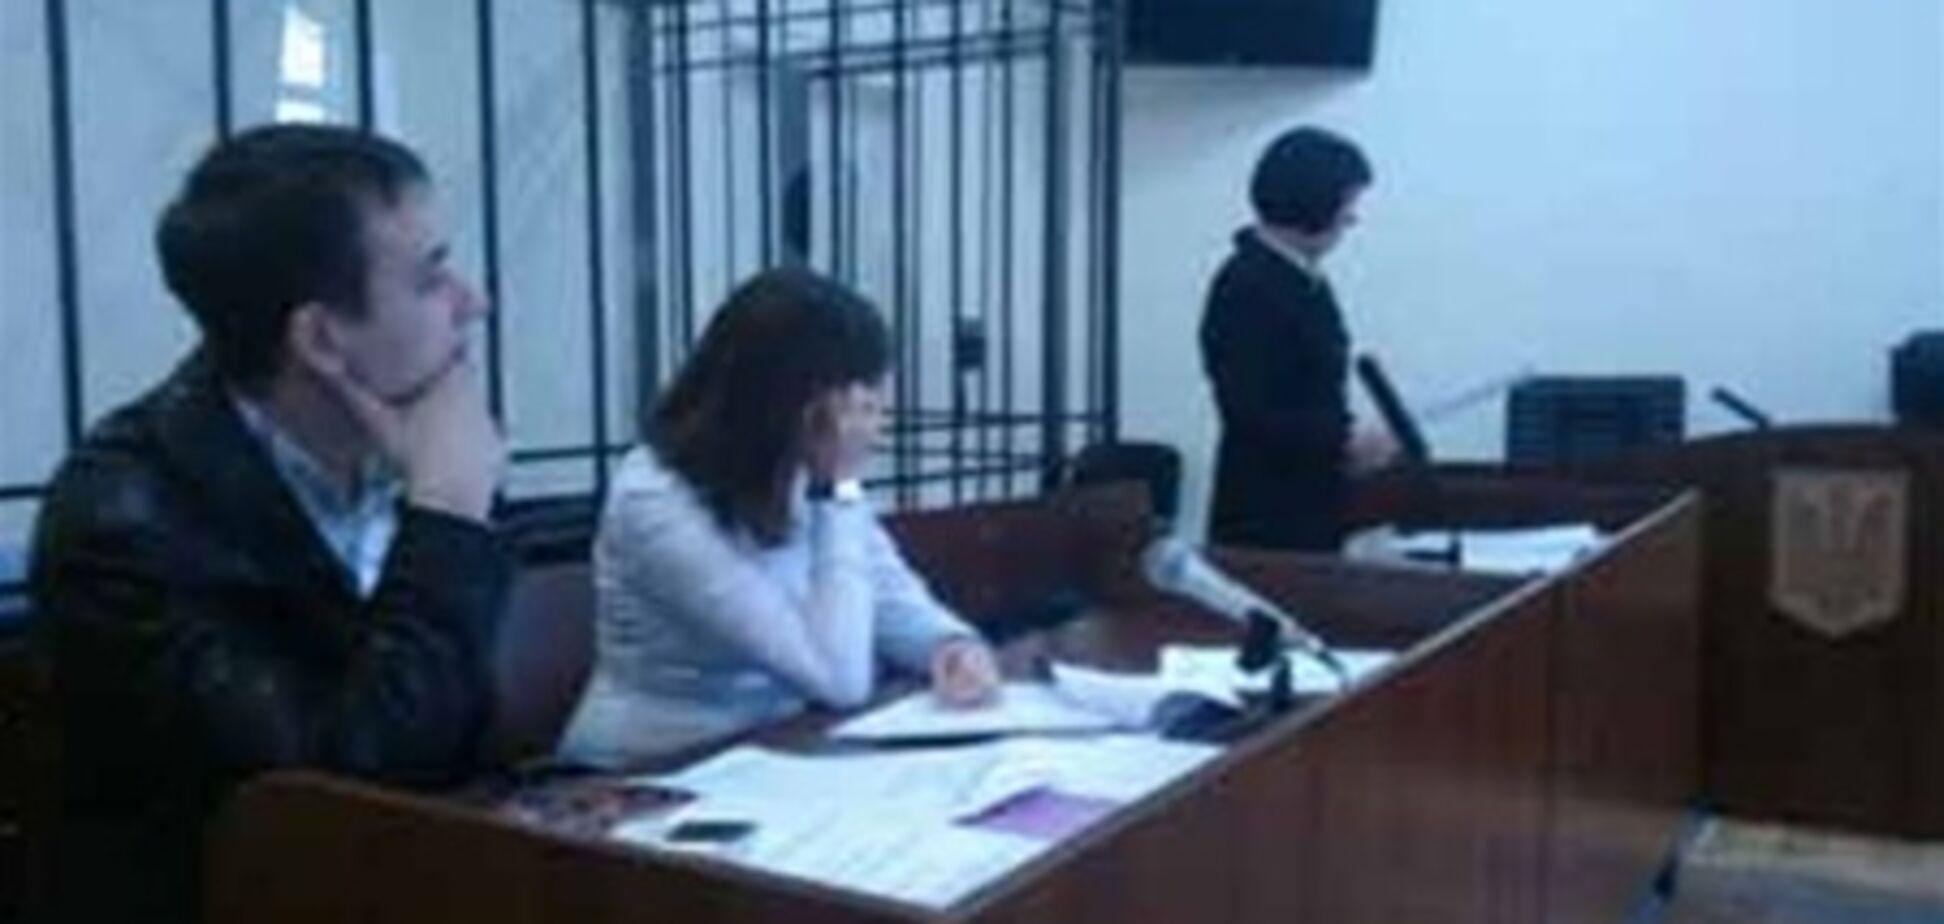 Адвокат: у справі про плагіат Кошкіної немає політики